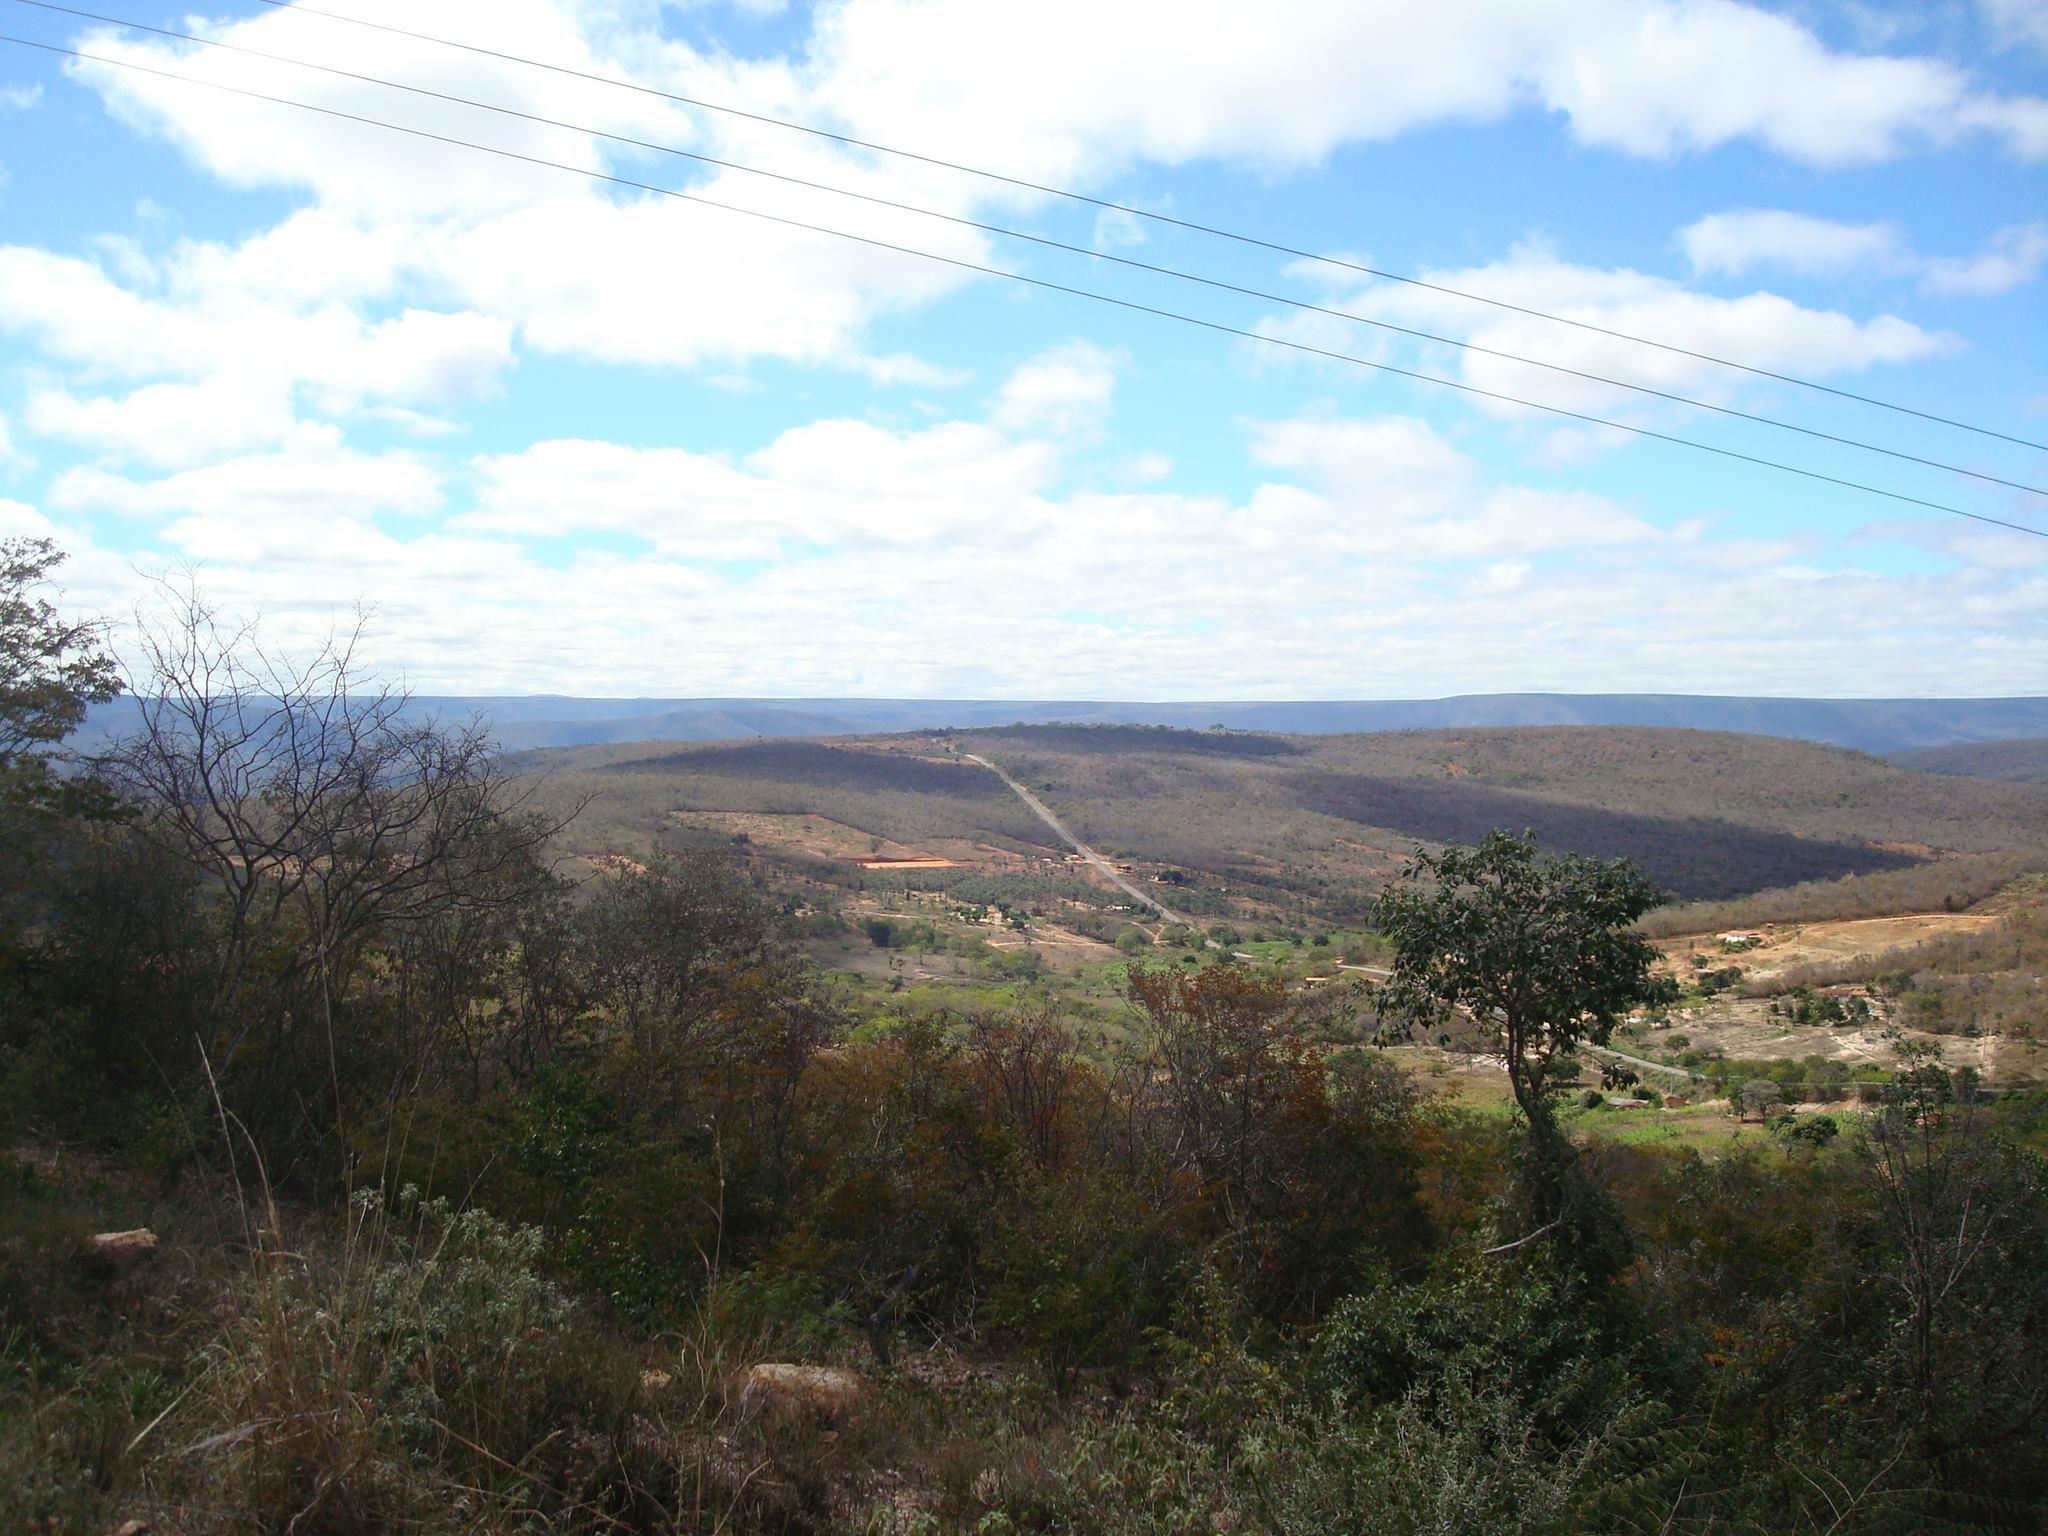 Fotos-uit-de-regio-van-Ibitiara-en-Seabra-aan-de-grote-BR-242-23